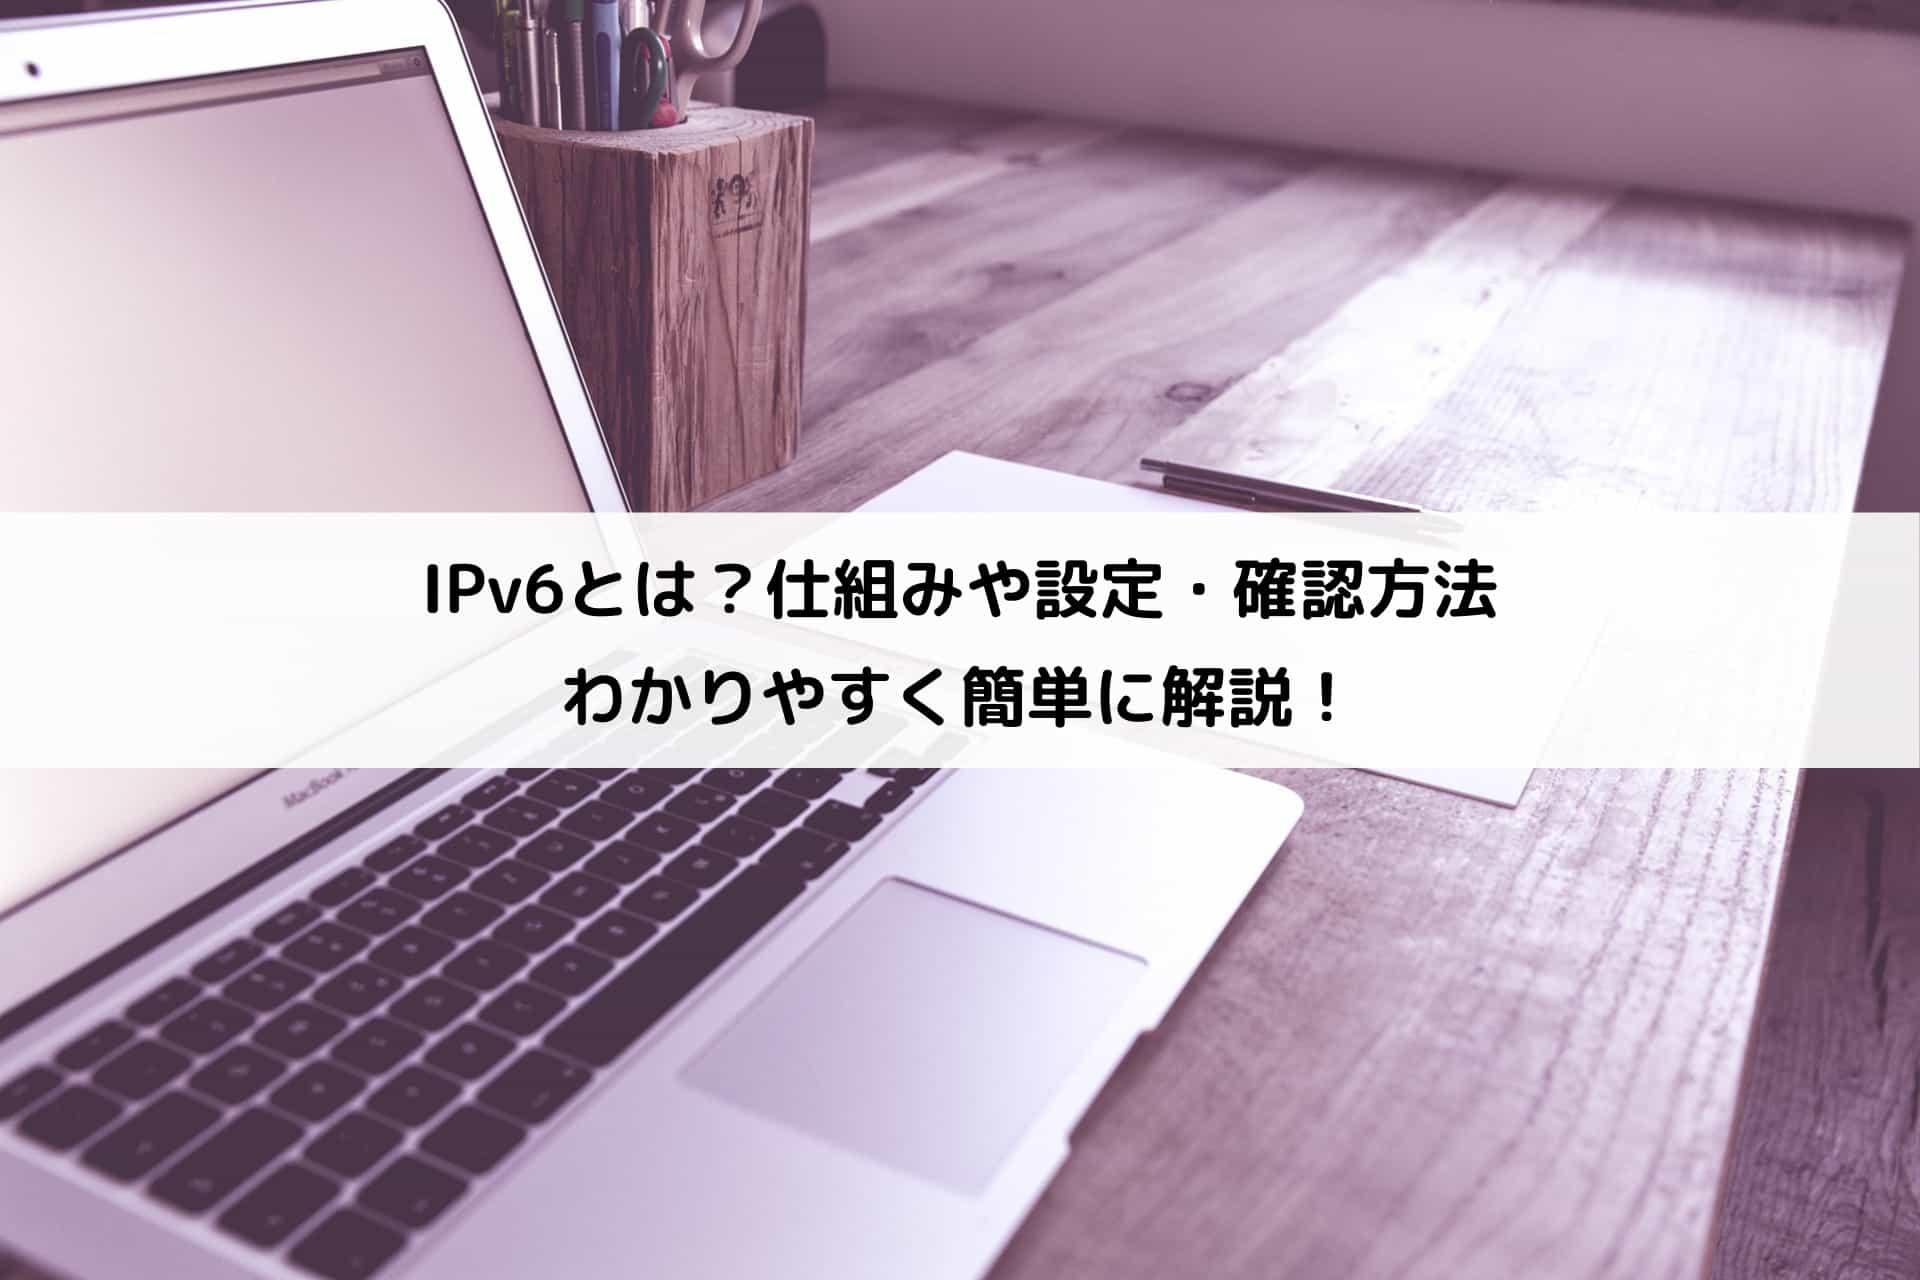 【初心者向け】IPv6とは?仕組みや設定・確認方法などわかりやすく簡単に解説!